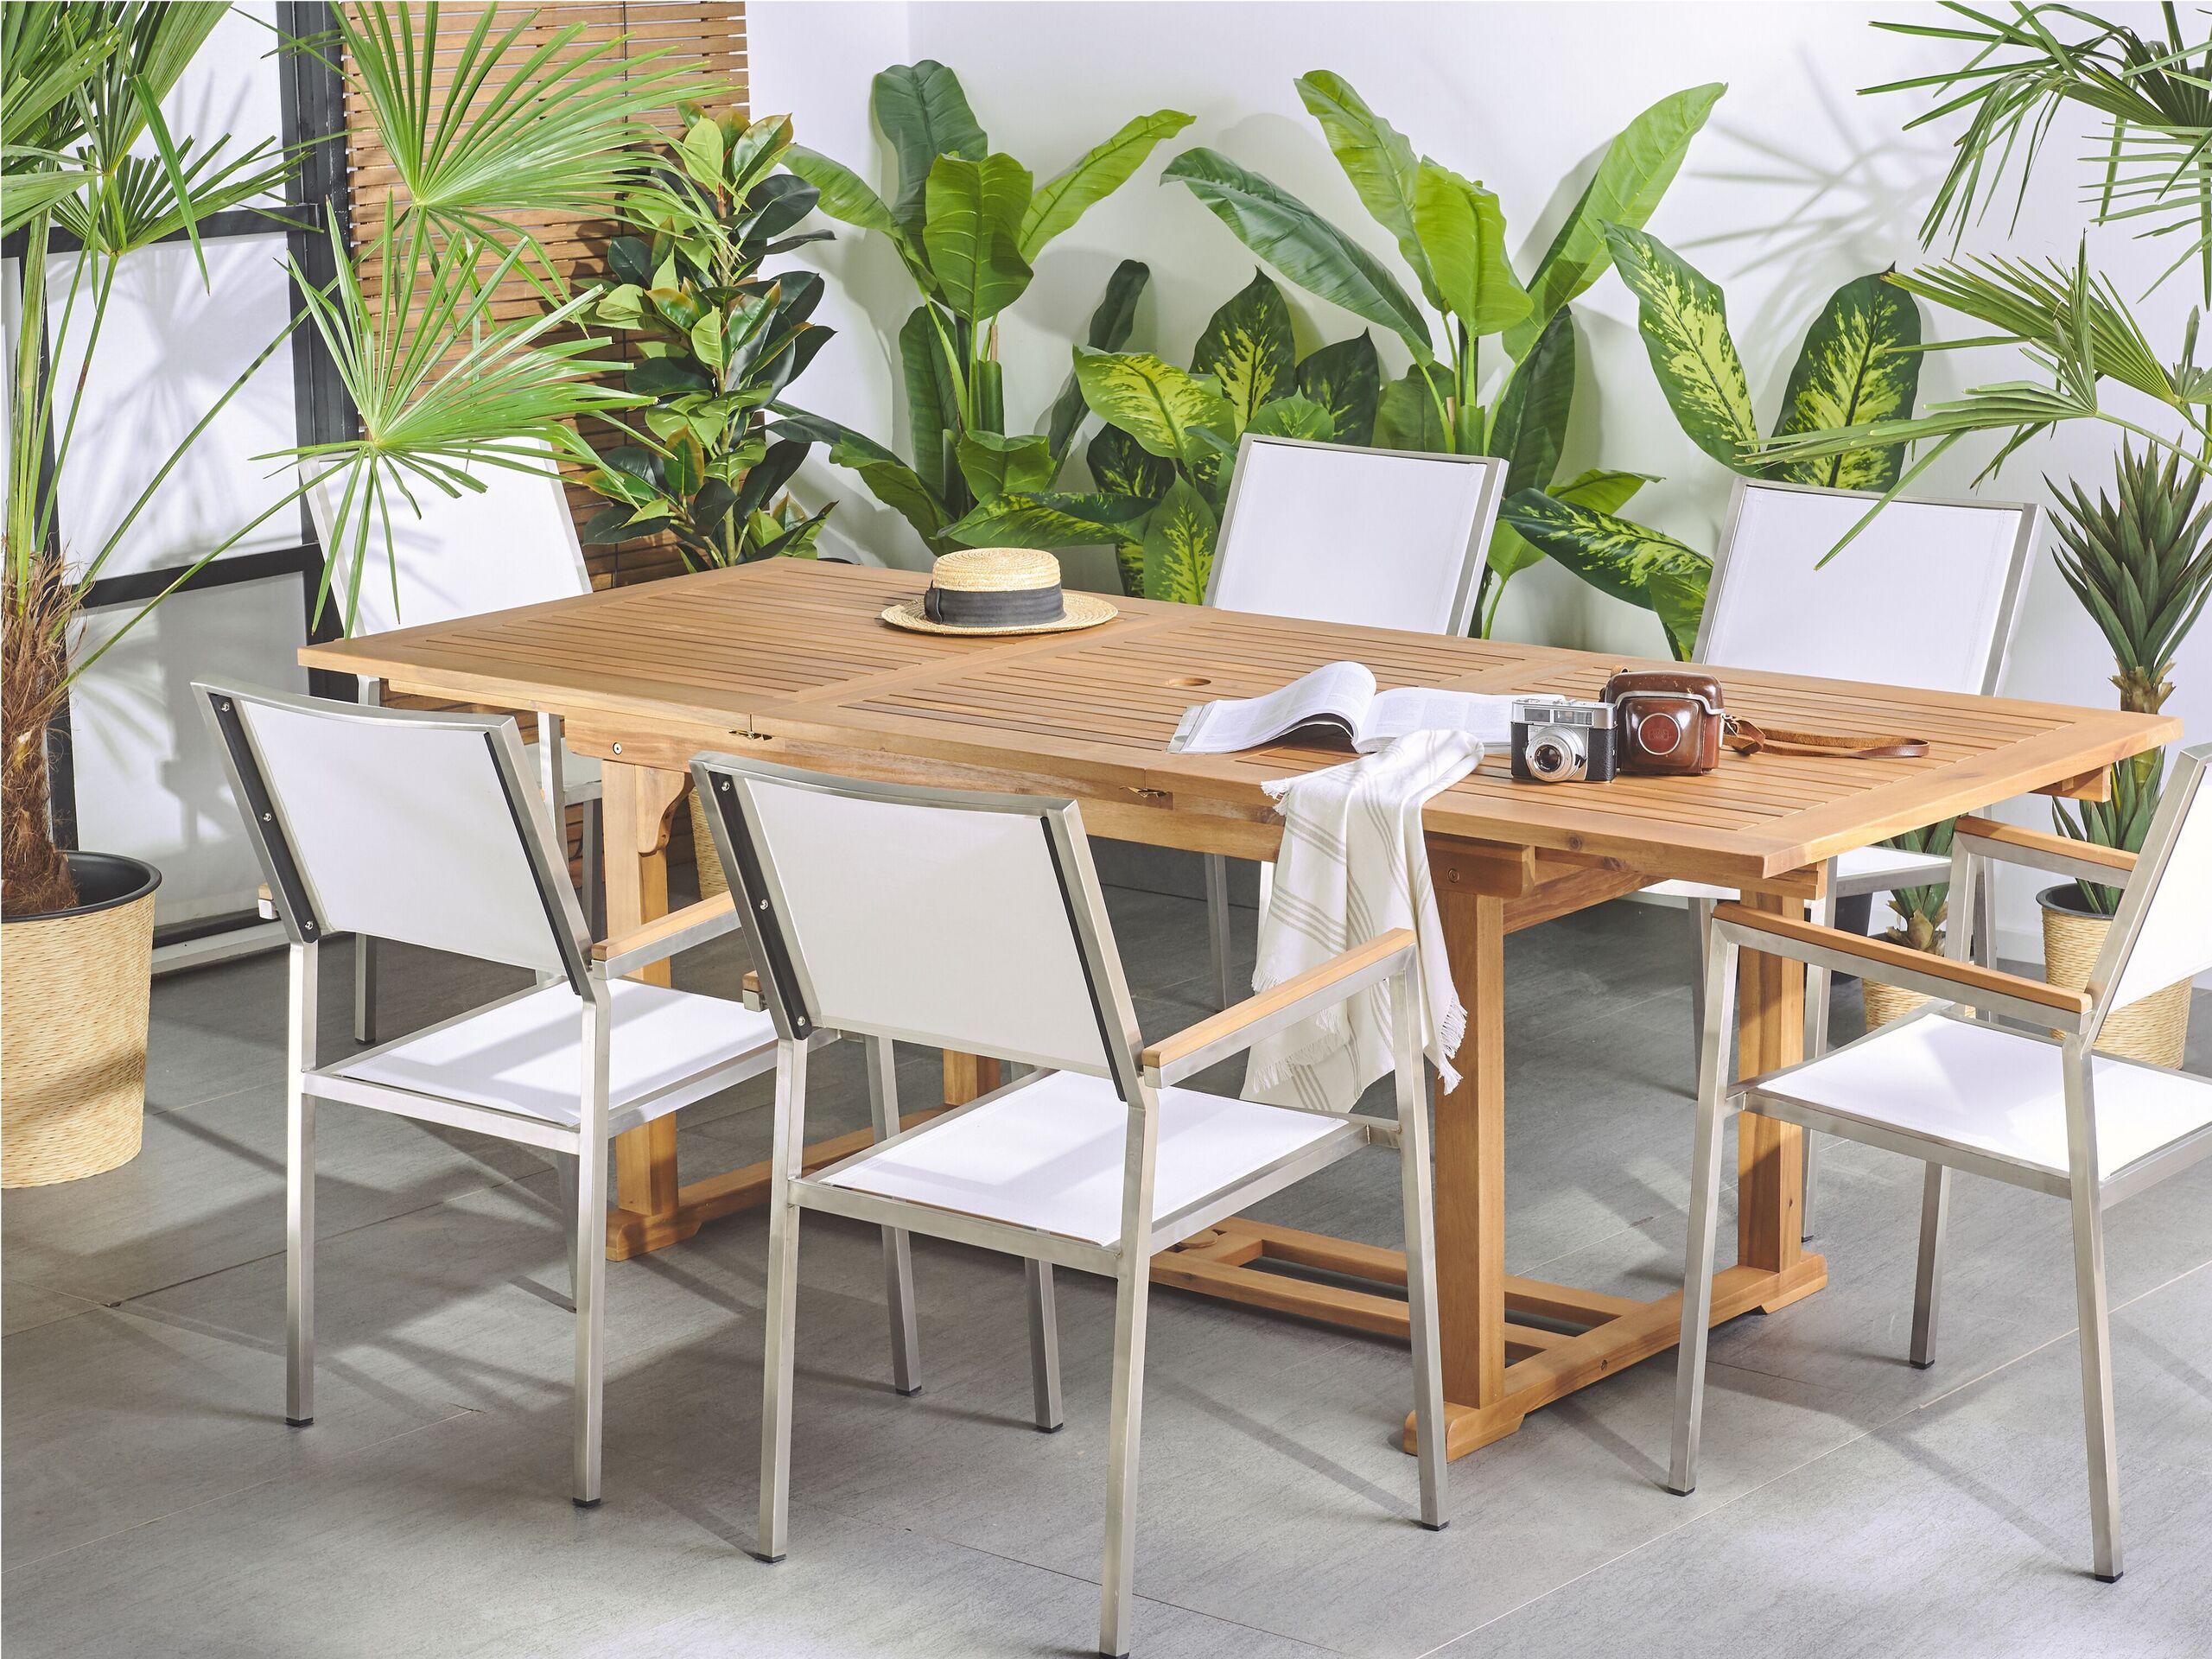 beliani tavolo da giardino pieghevole in legno di acacia design country